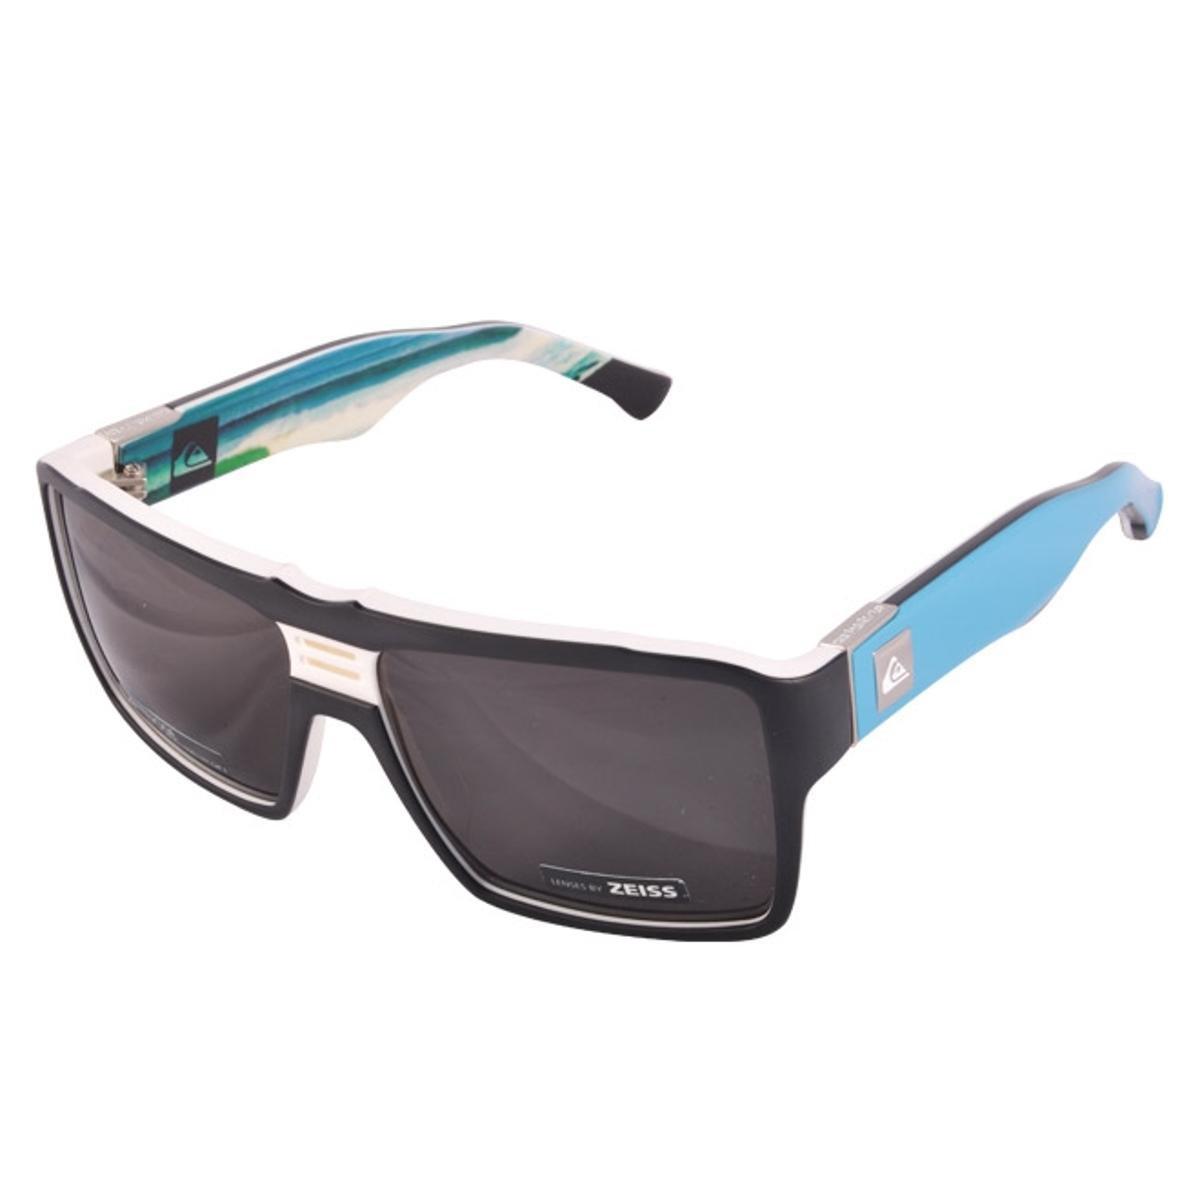 8309b662330d8 Óculos Quiksilver Enose - Compre Agora